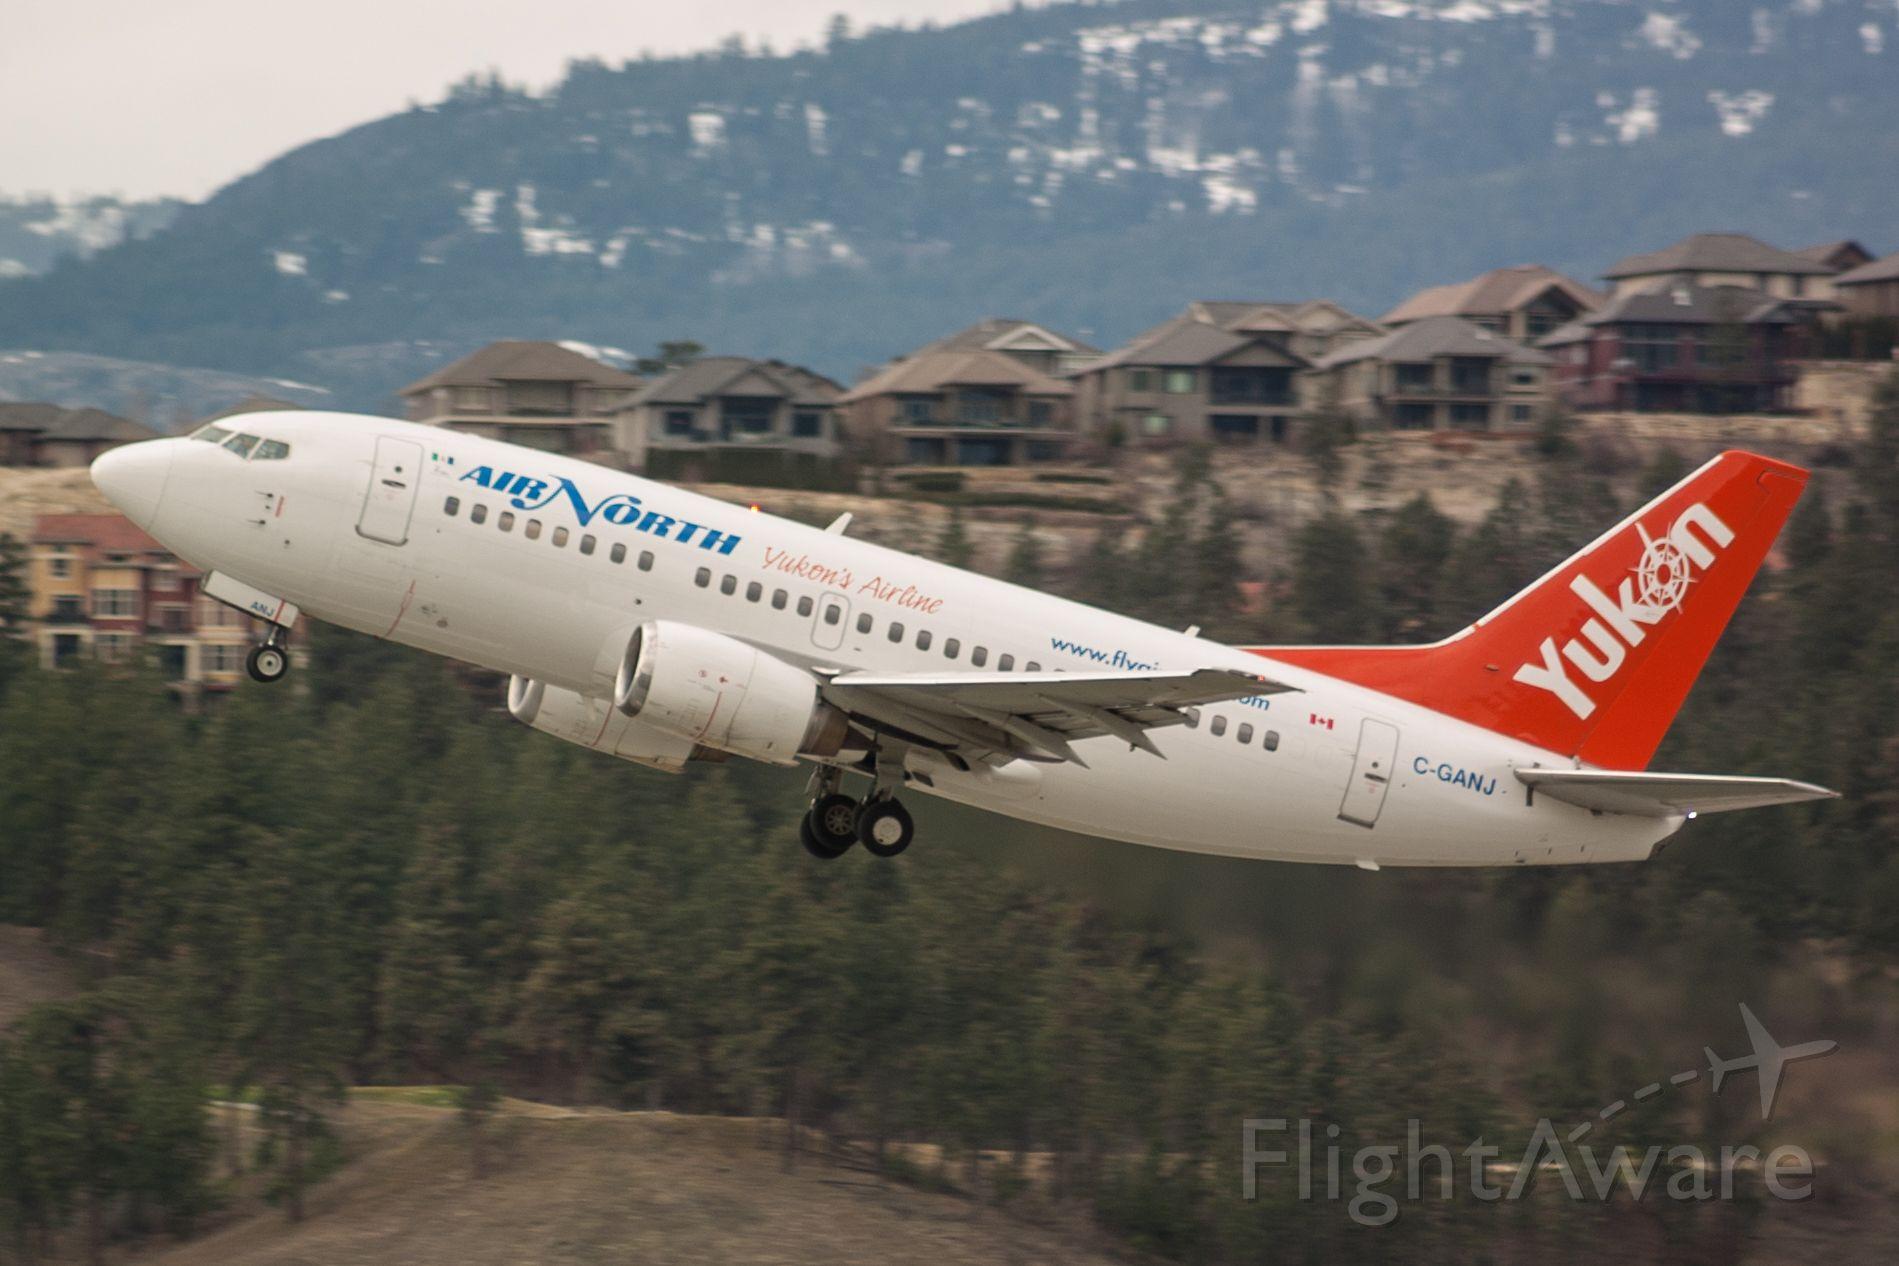 Boeing 737-500 (C-GANJ) - Beacon